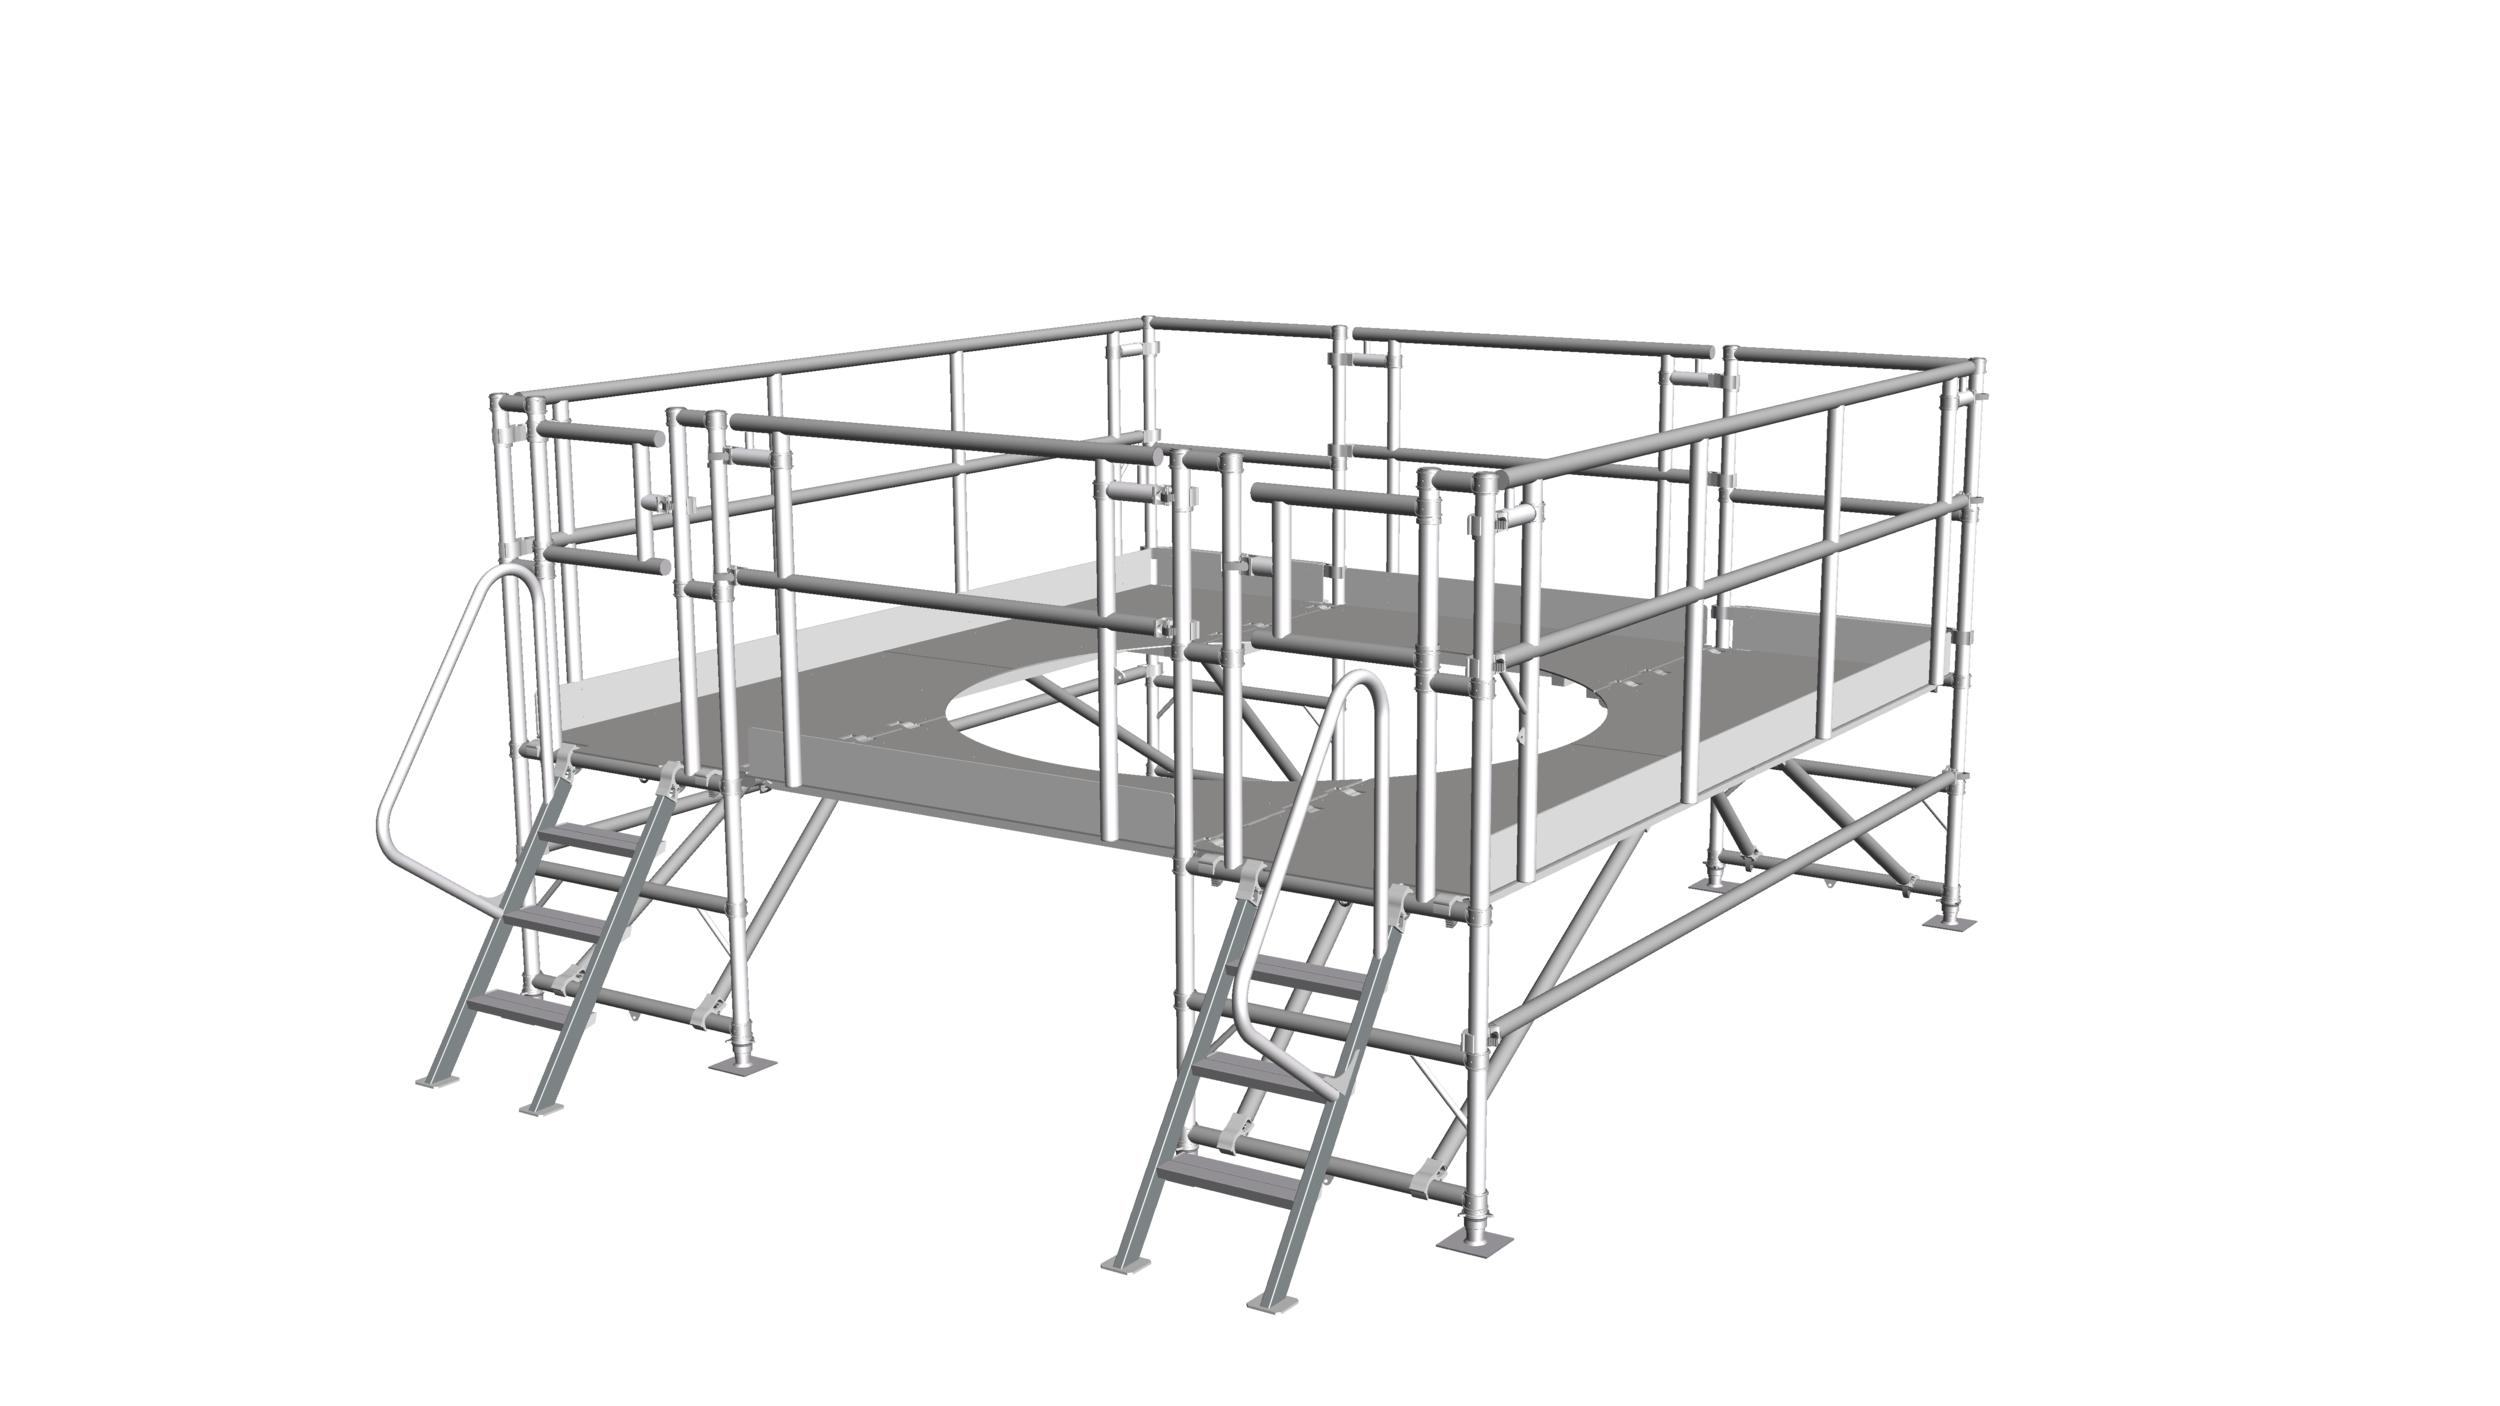 17. Low-level access platform